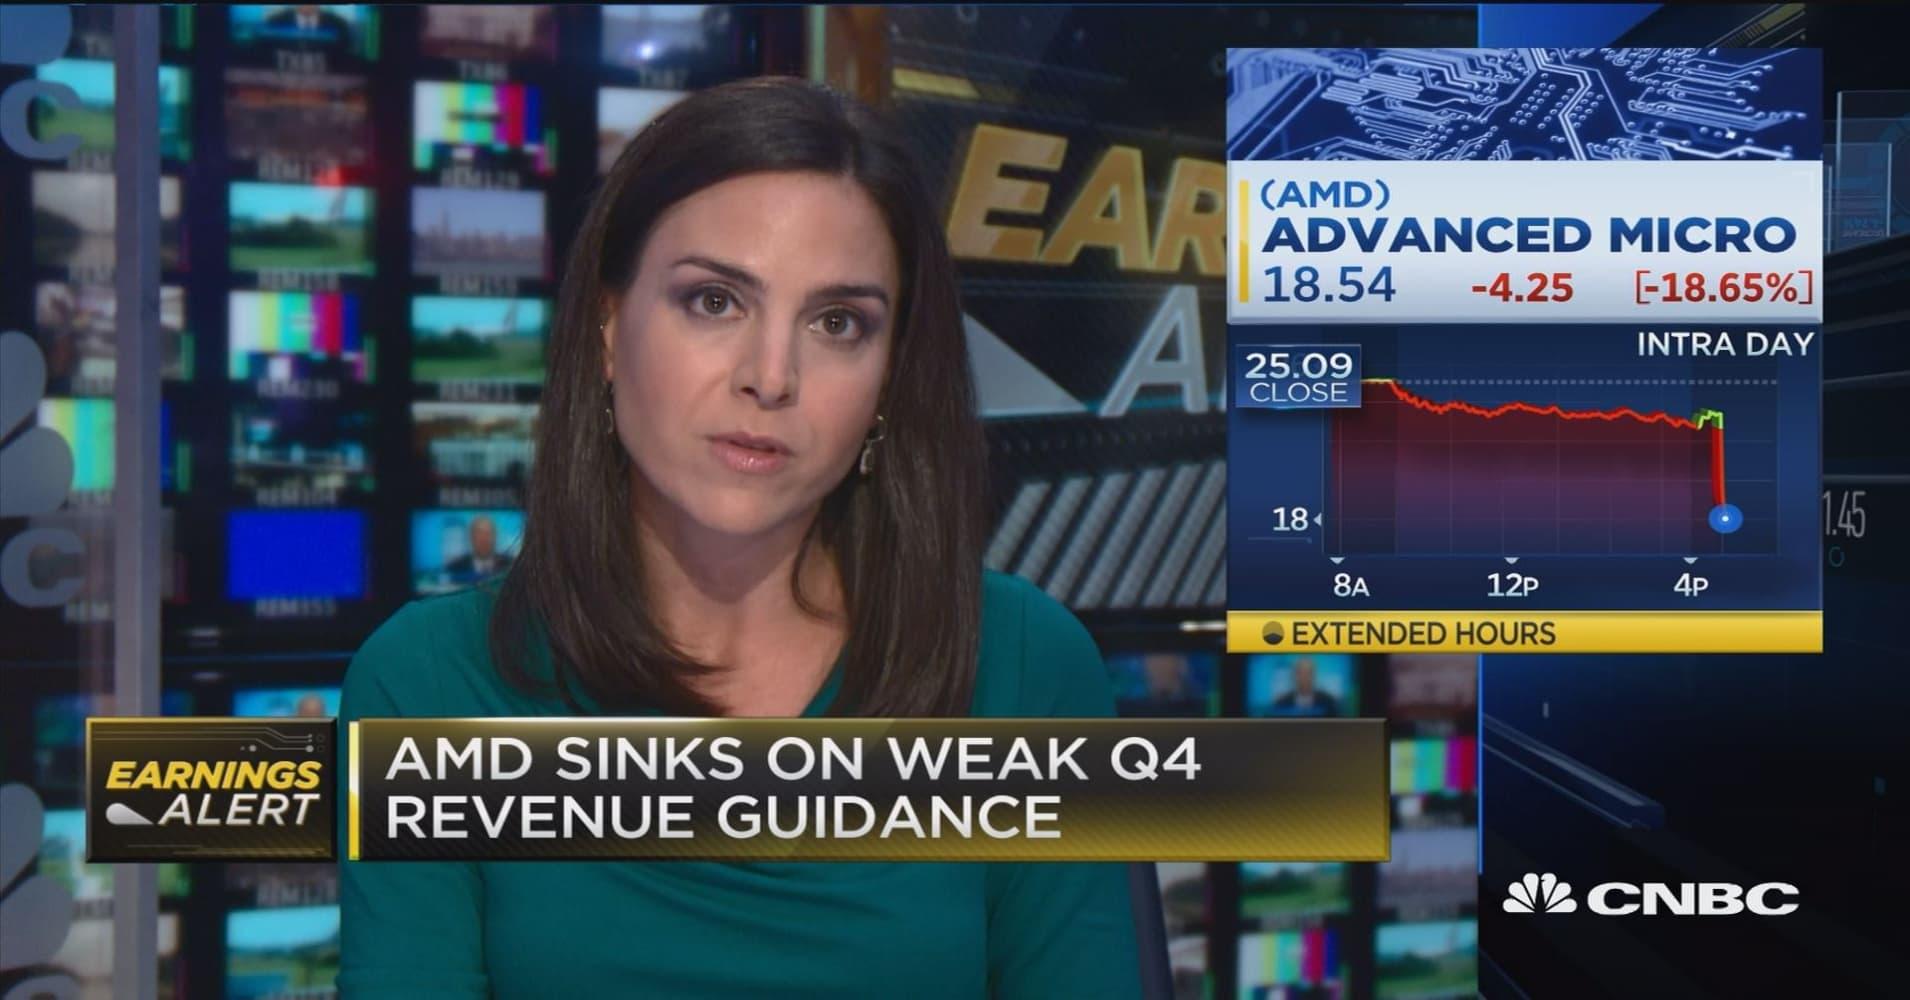 AMD sinks on weak Q4 revenue guidance, sees EPS beat